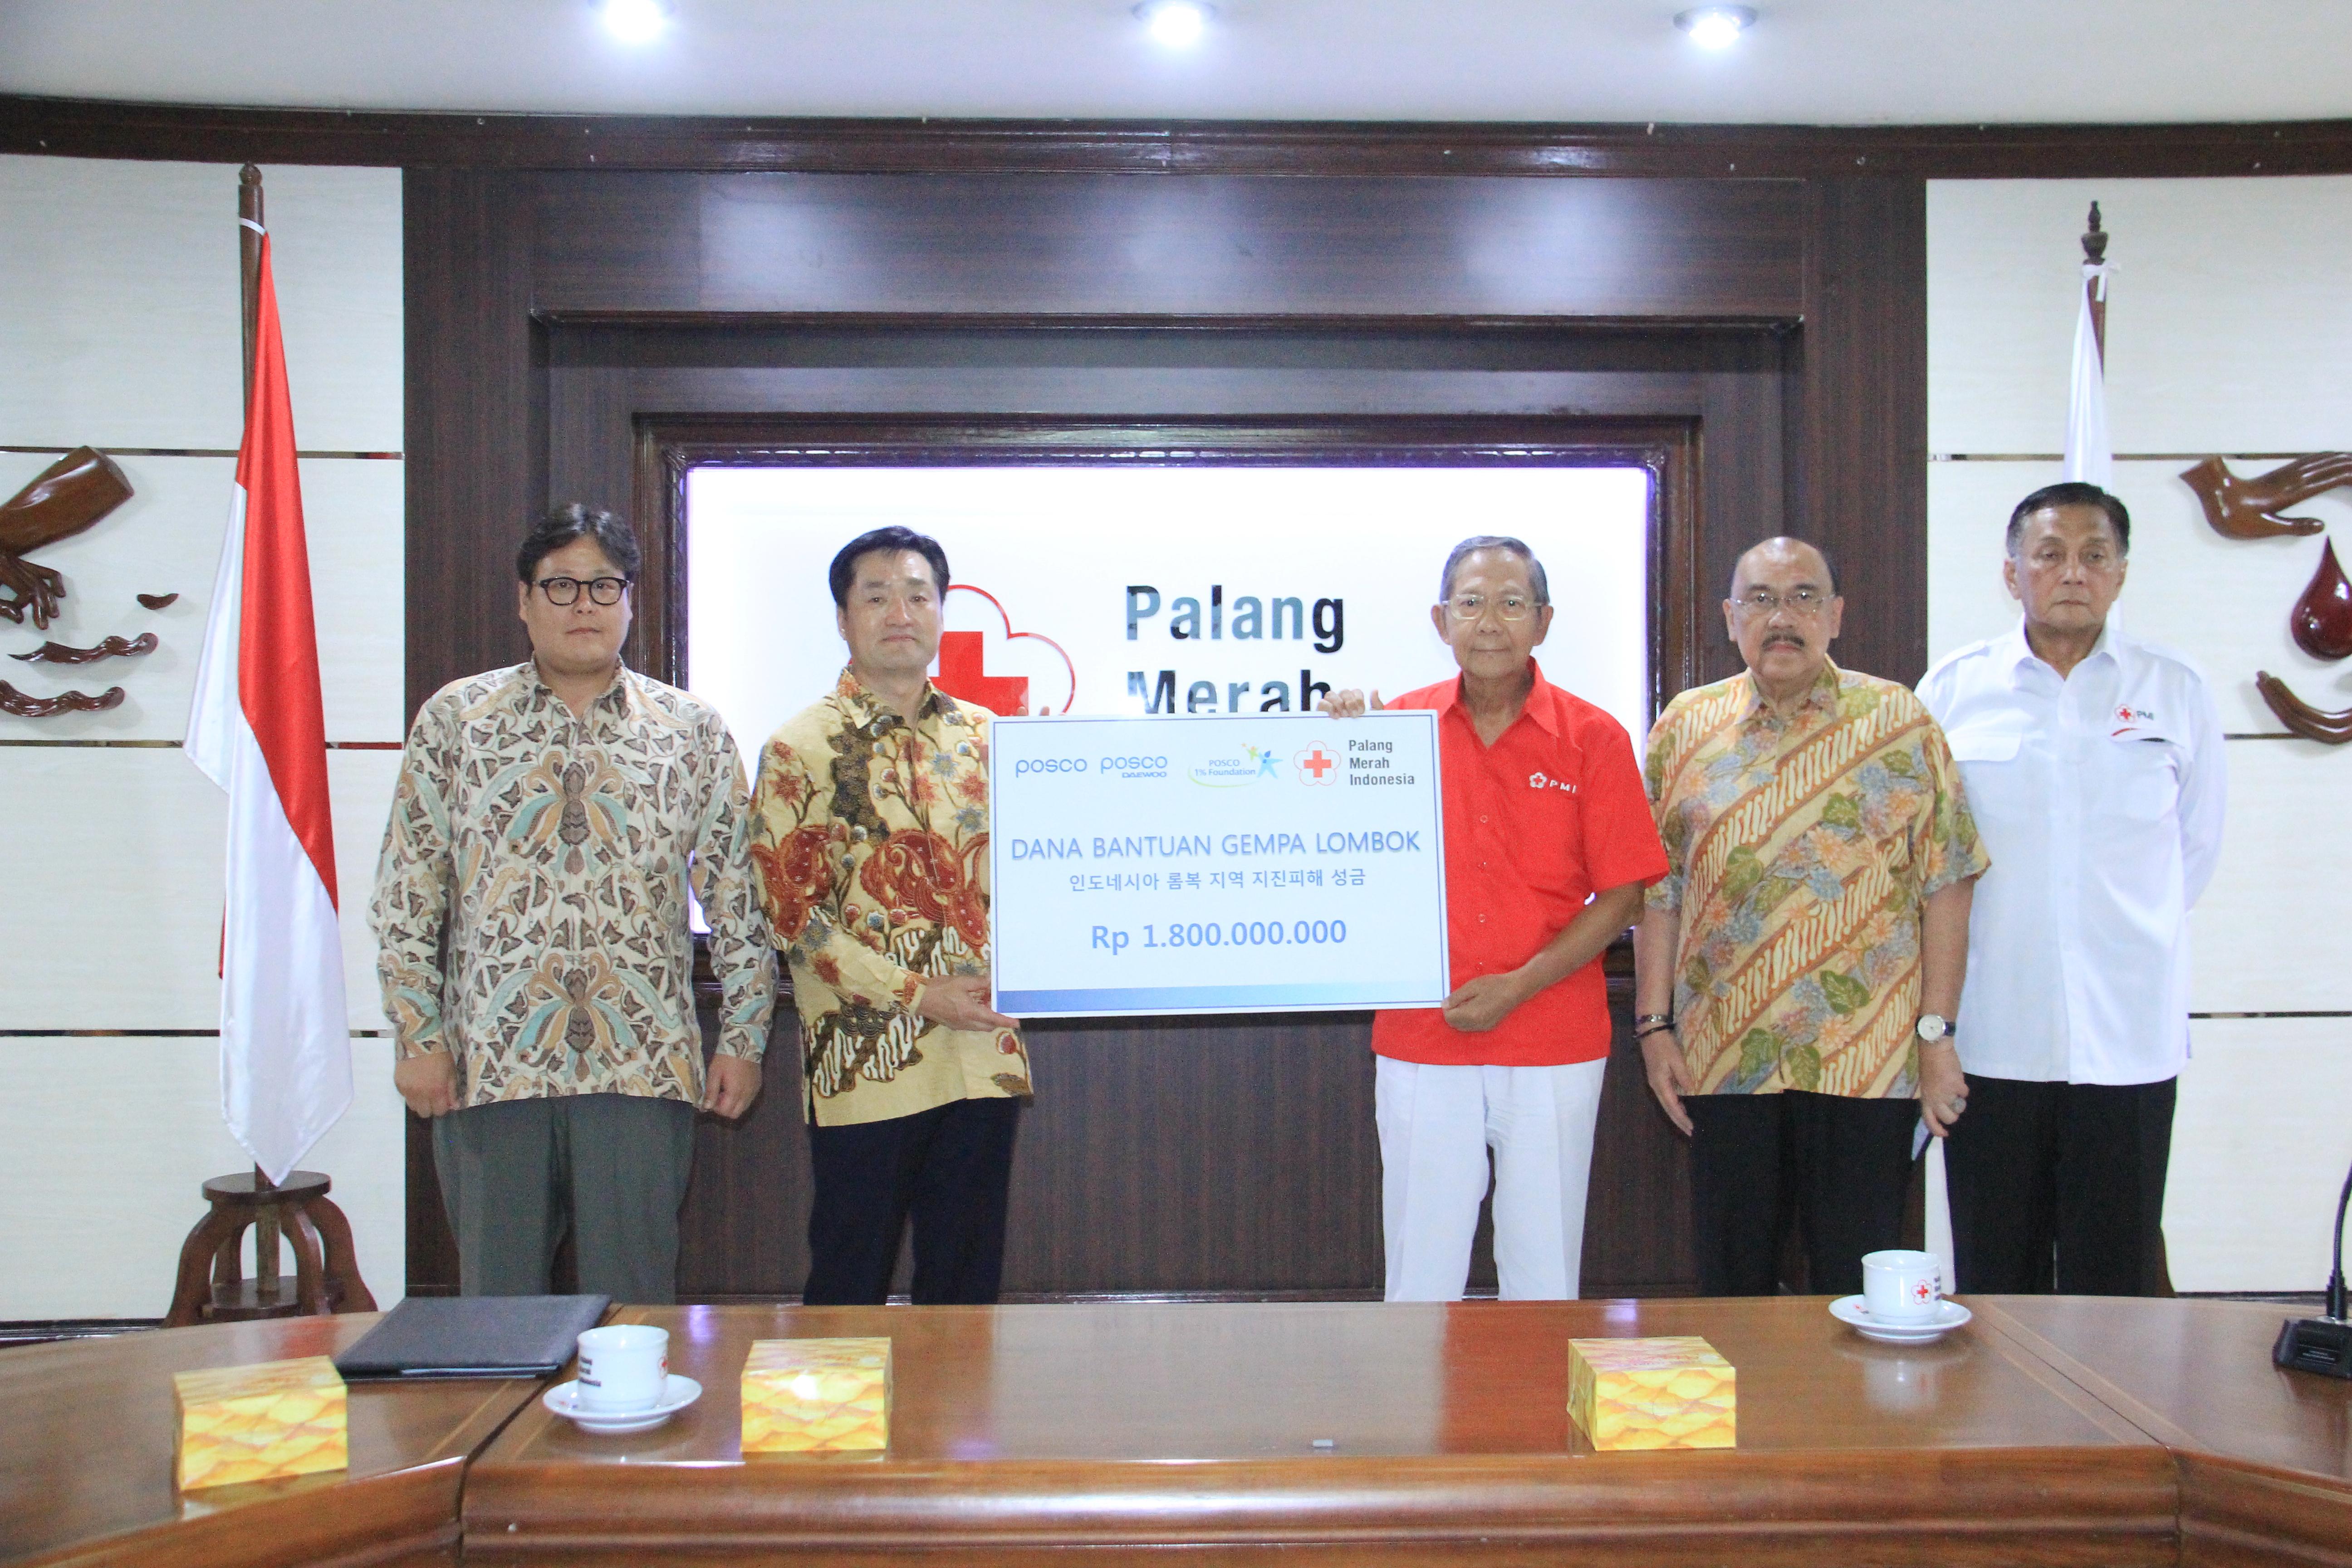 김지용 포스코 인도네시아 대표법인장(사진 중앙에서 왼쪽)이 기난자르 카르타사스미타 인도네시아 적십자 총재대행(사진 중앙에서 오른쪽)에게 지진 피해 성금 18억 루피아(약 1억 4천만원)를 전달하고 있는 모습